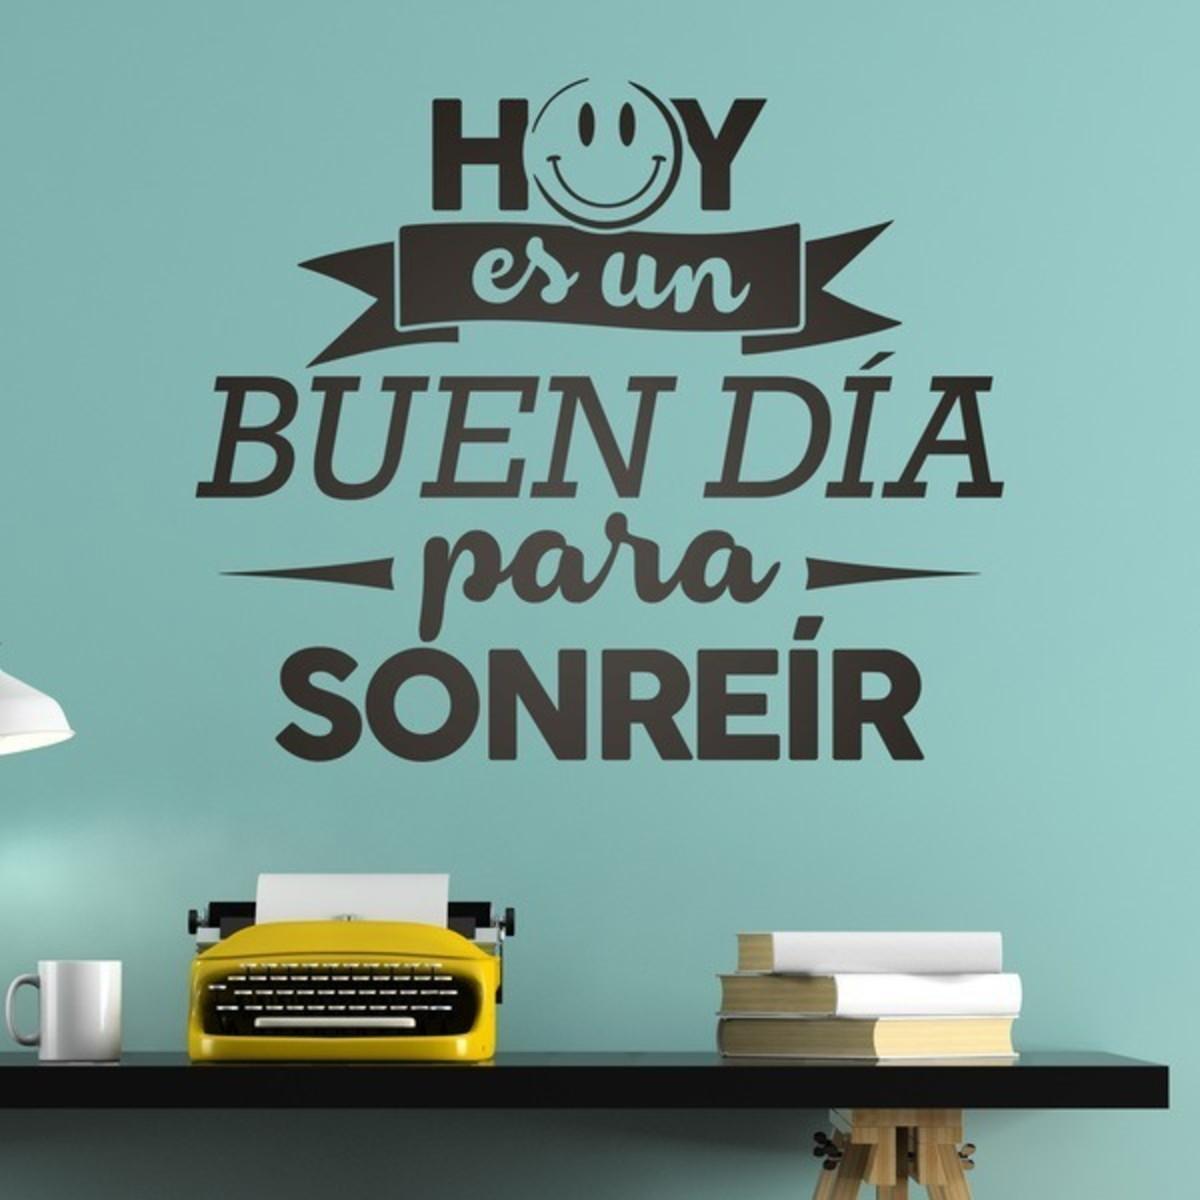 Adesivo Parede Decorativo Espanhol Hoy Es Un Buen Día 110x91